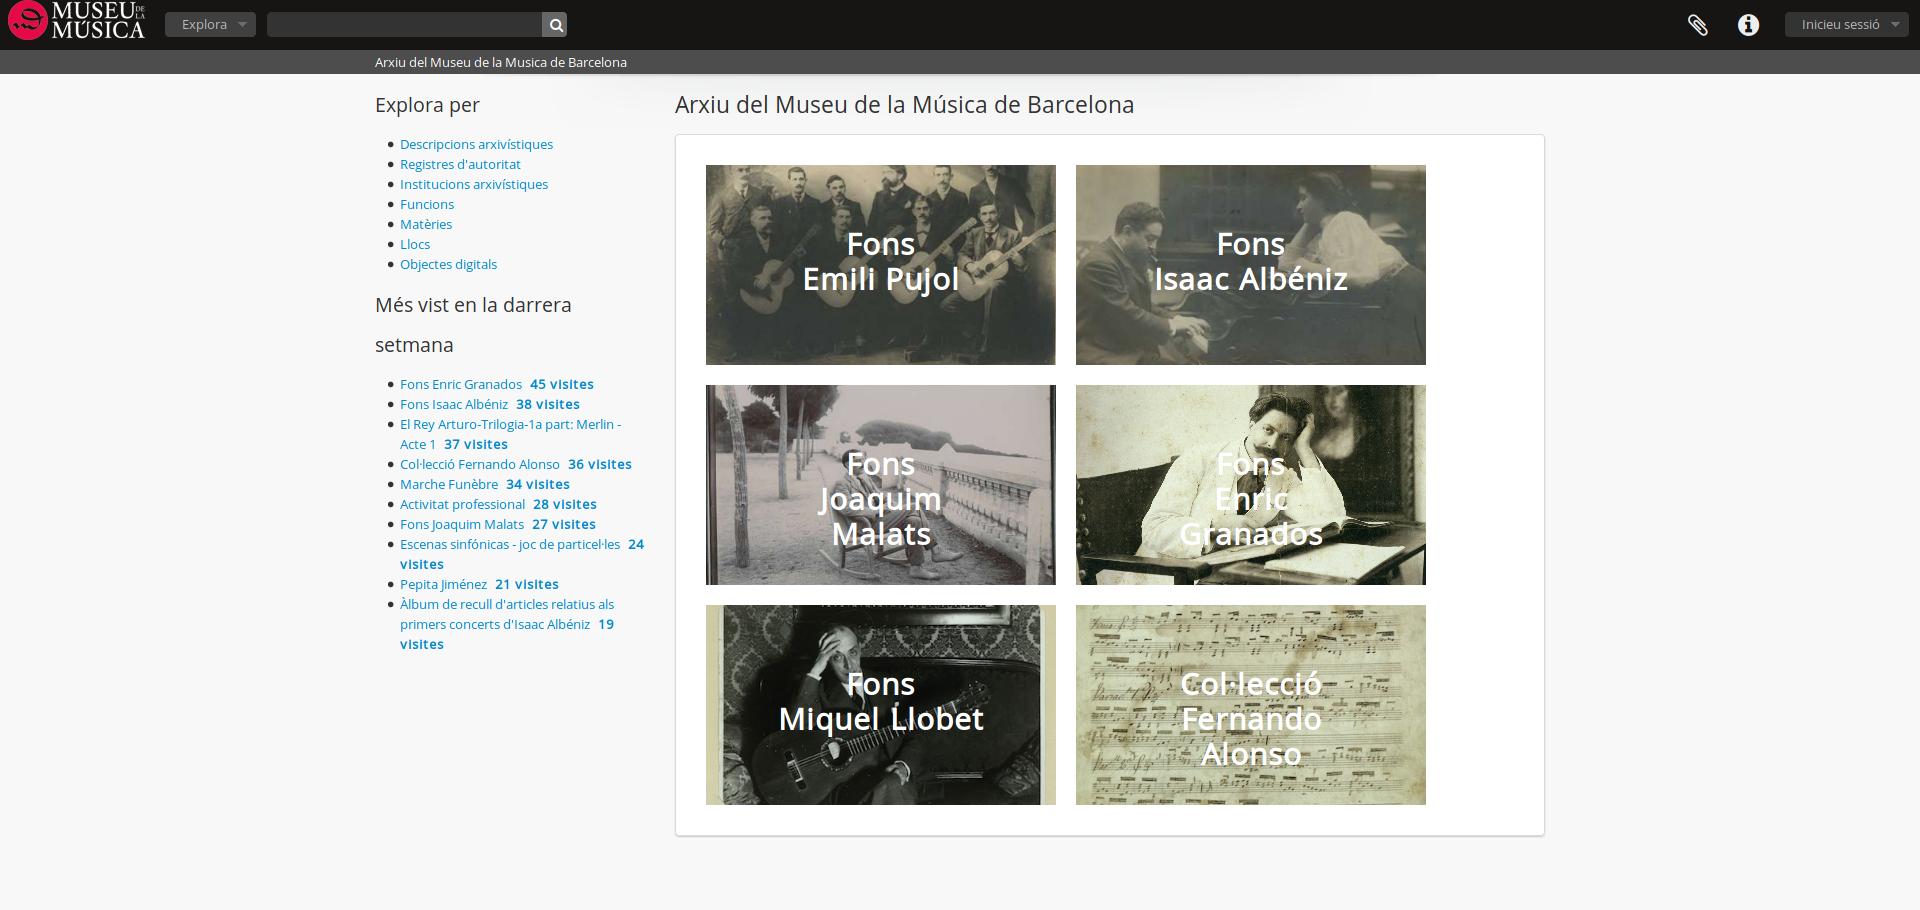 AtoM en el Archivo del Museo de la Música de Barcelona